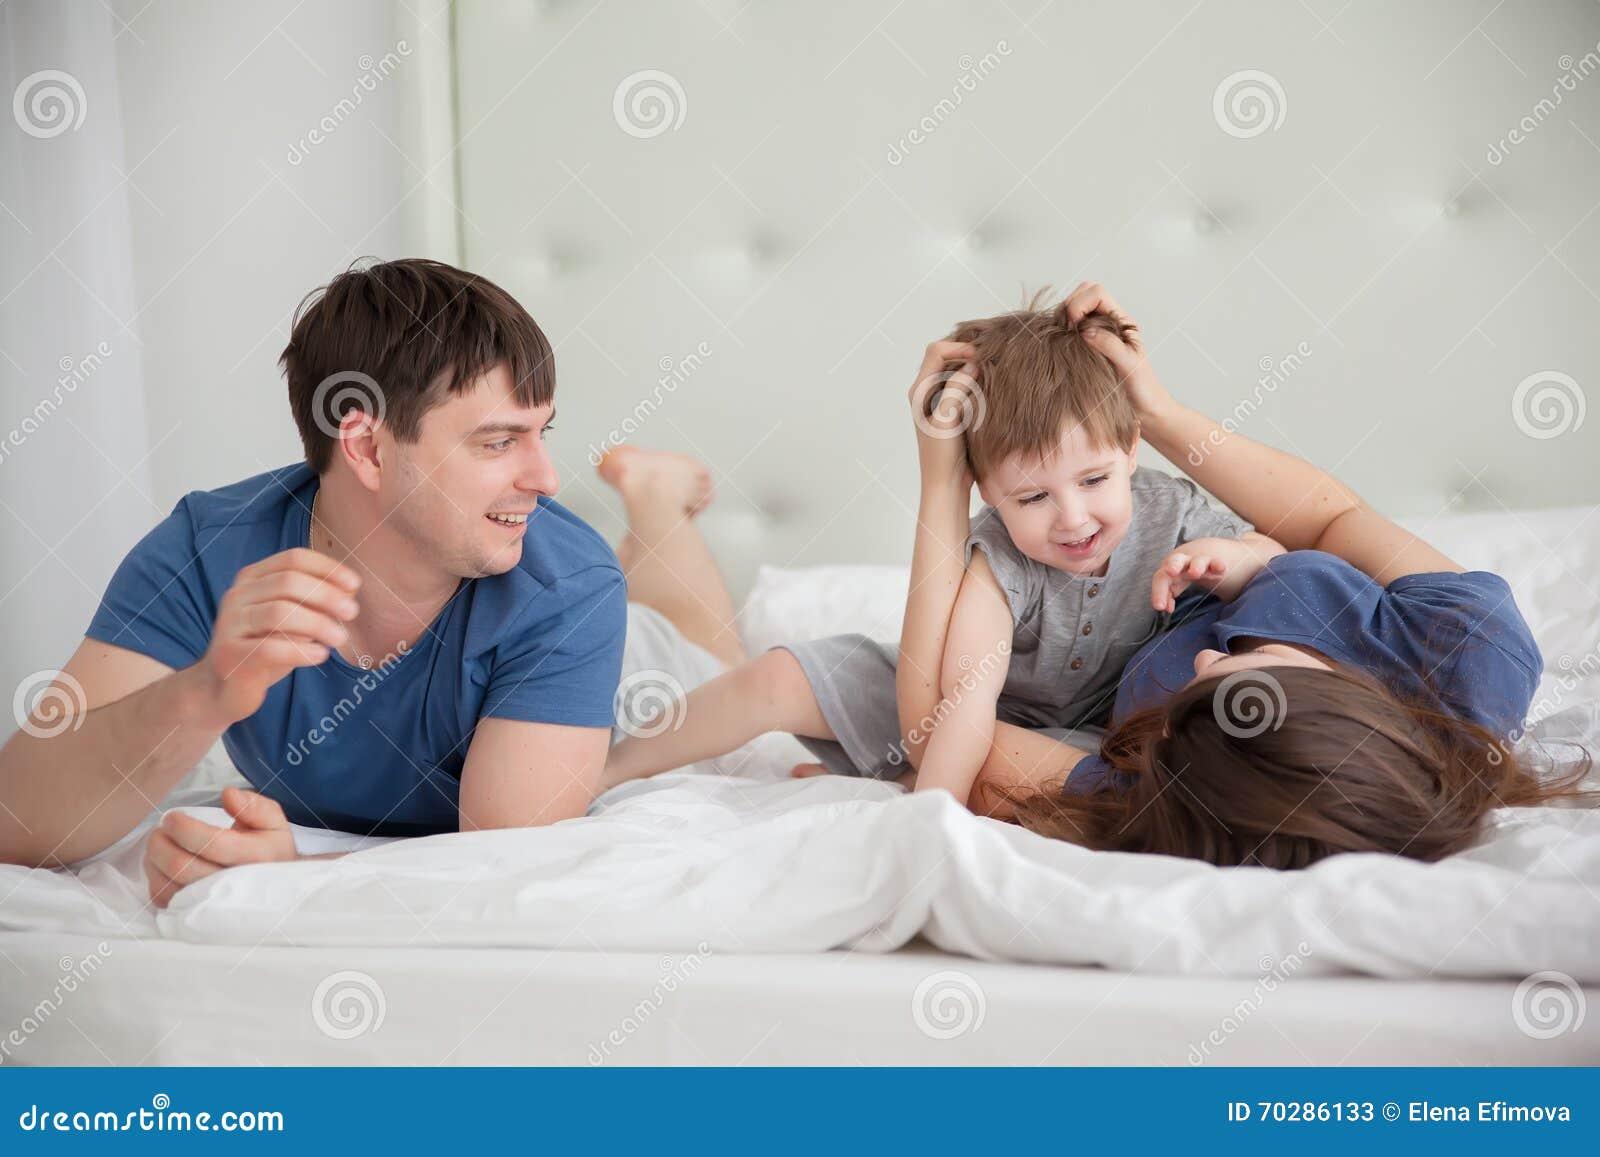 Le portrait de famille de trois personnes sur des parents enfoncent les pyjamas de port